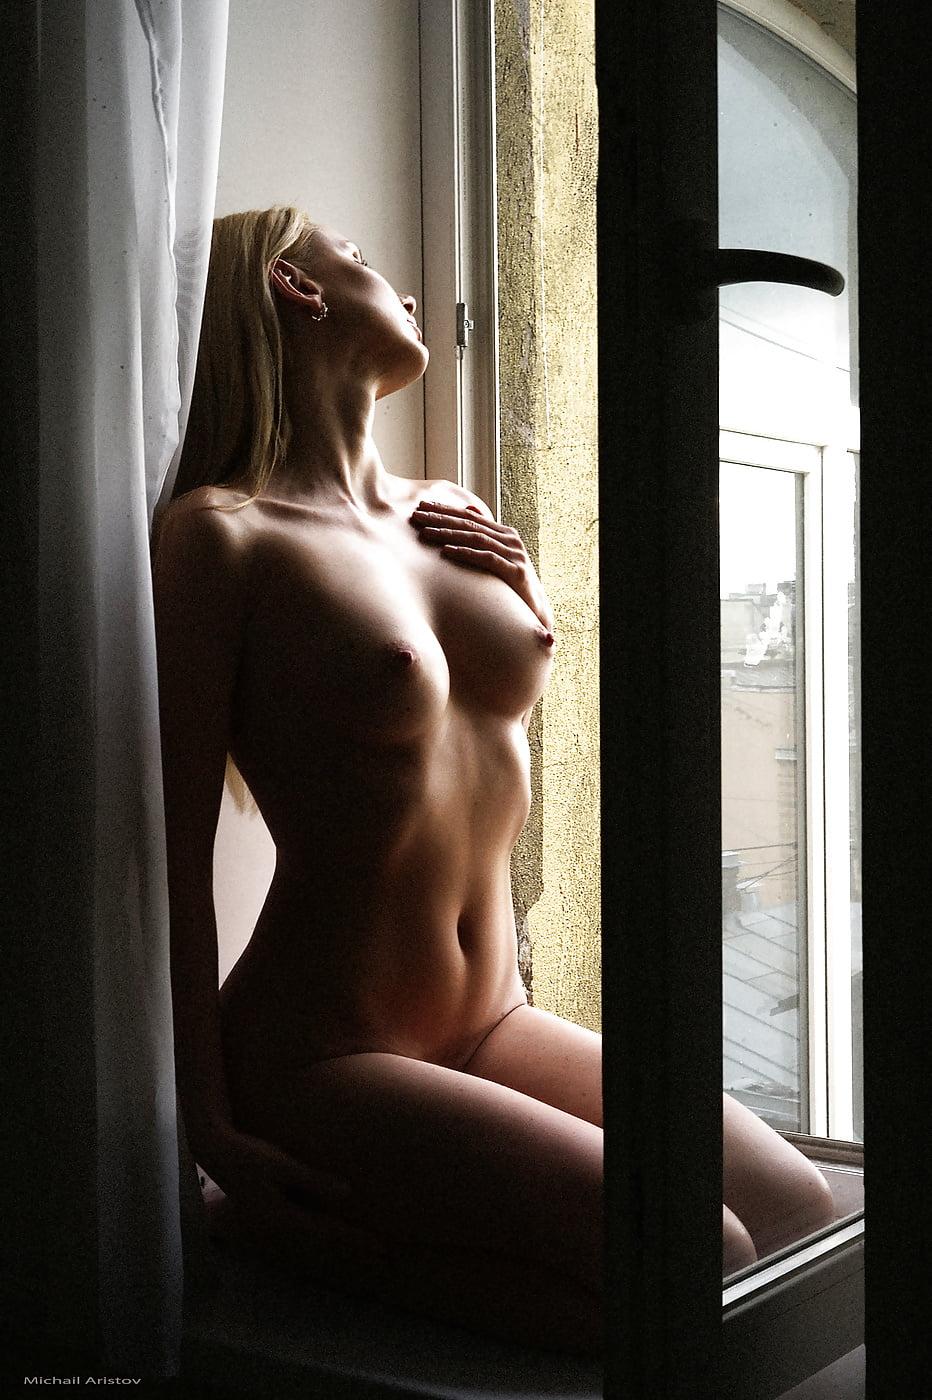 фото обнаженной девушки у окна хуже